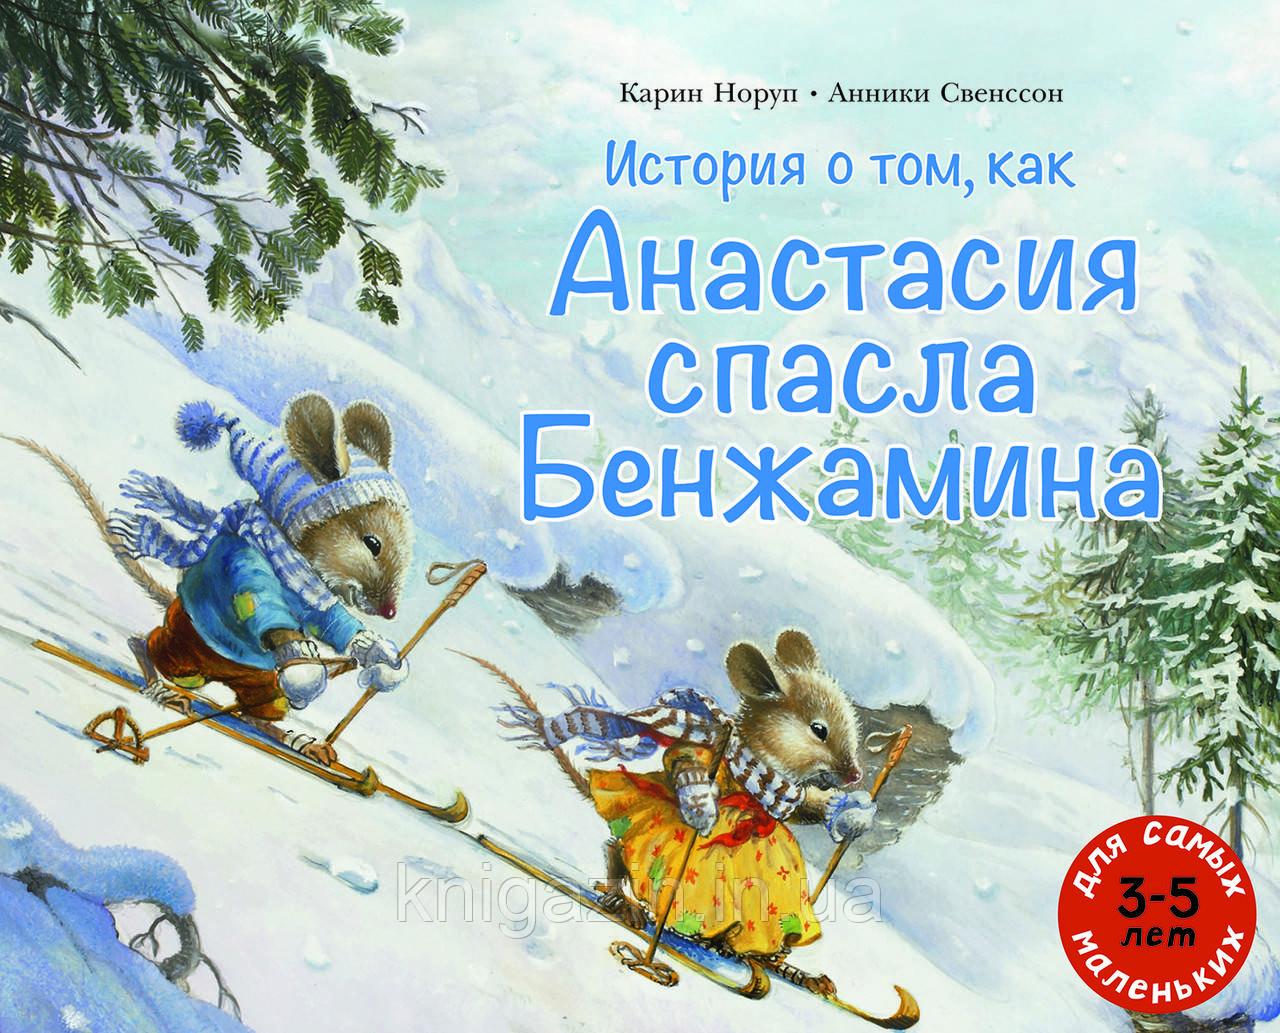 Детская книга История о том, как Анастасия спасла Бенжамина Для детей от 3 лет